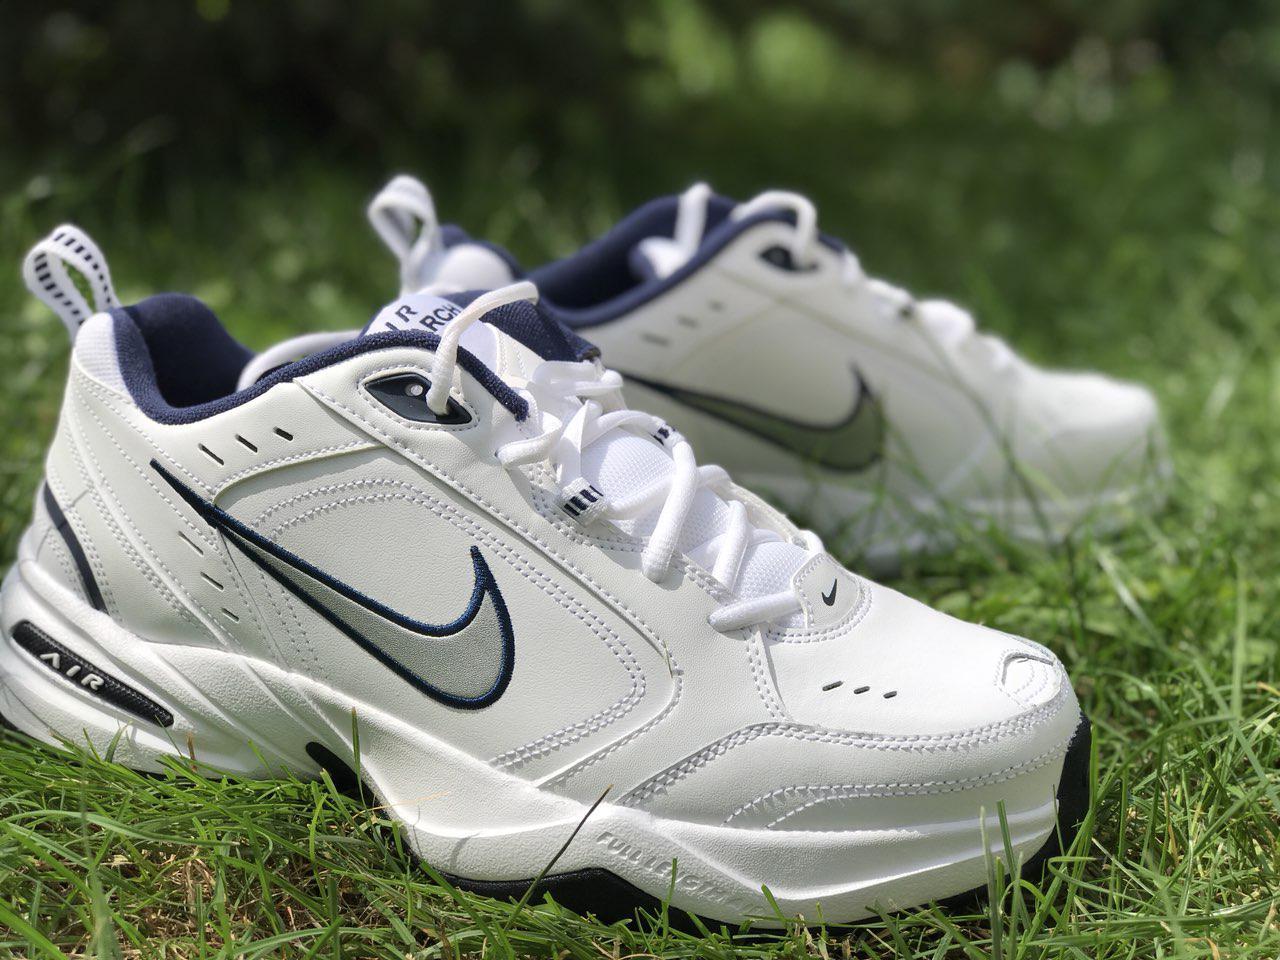 free shipping 81fe3 7fbd1 Оригинальные мужские кроссовки Nike Air Monarch IV White - Sport-Boots -  Только оригинальные товары